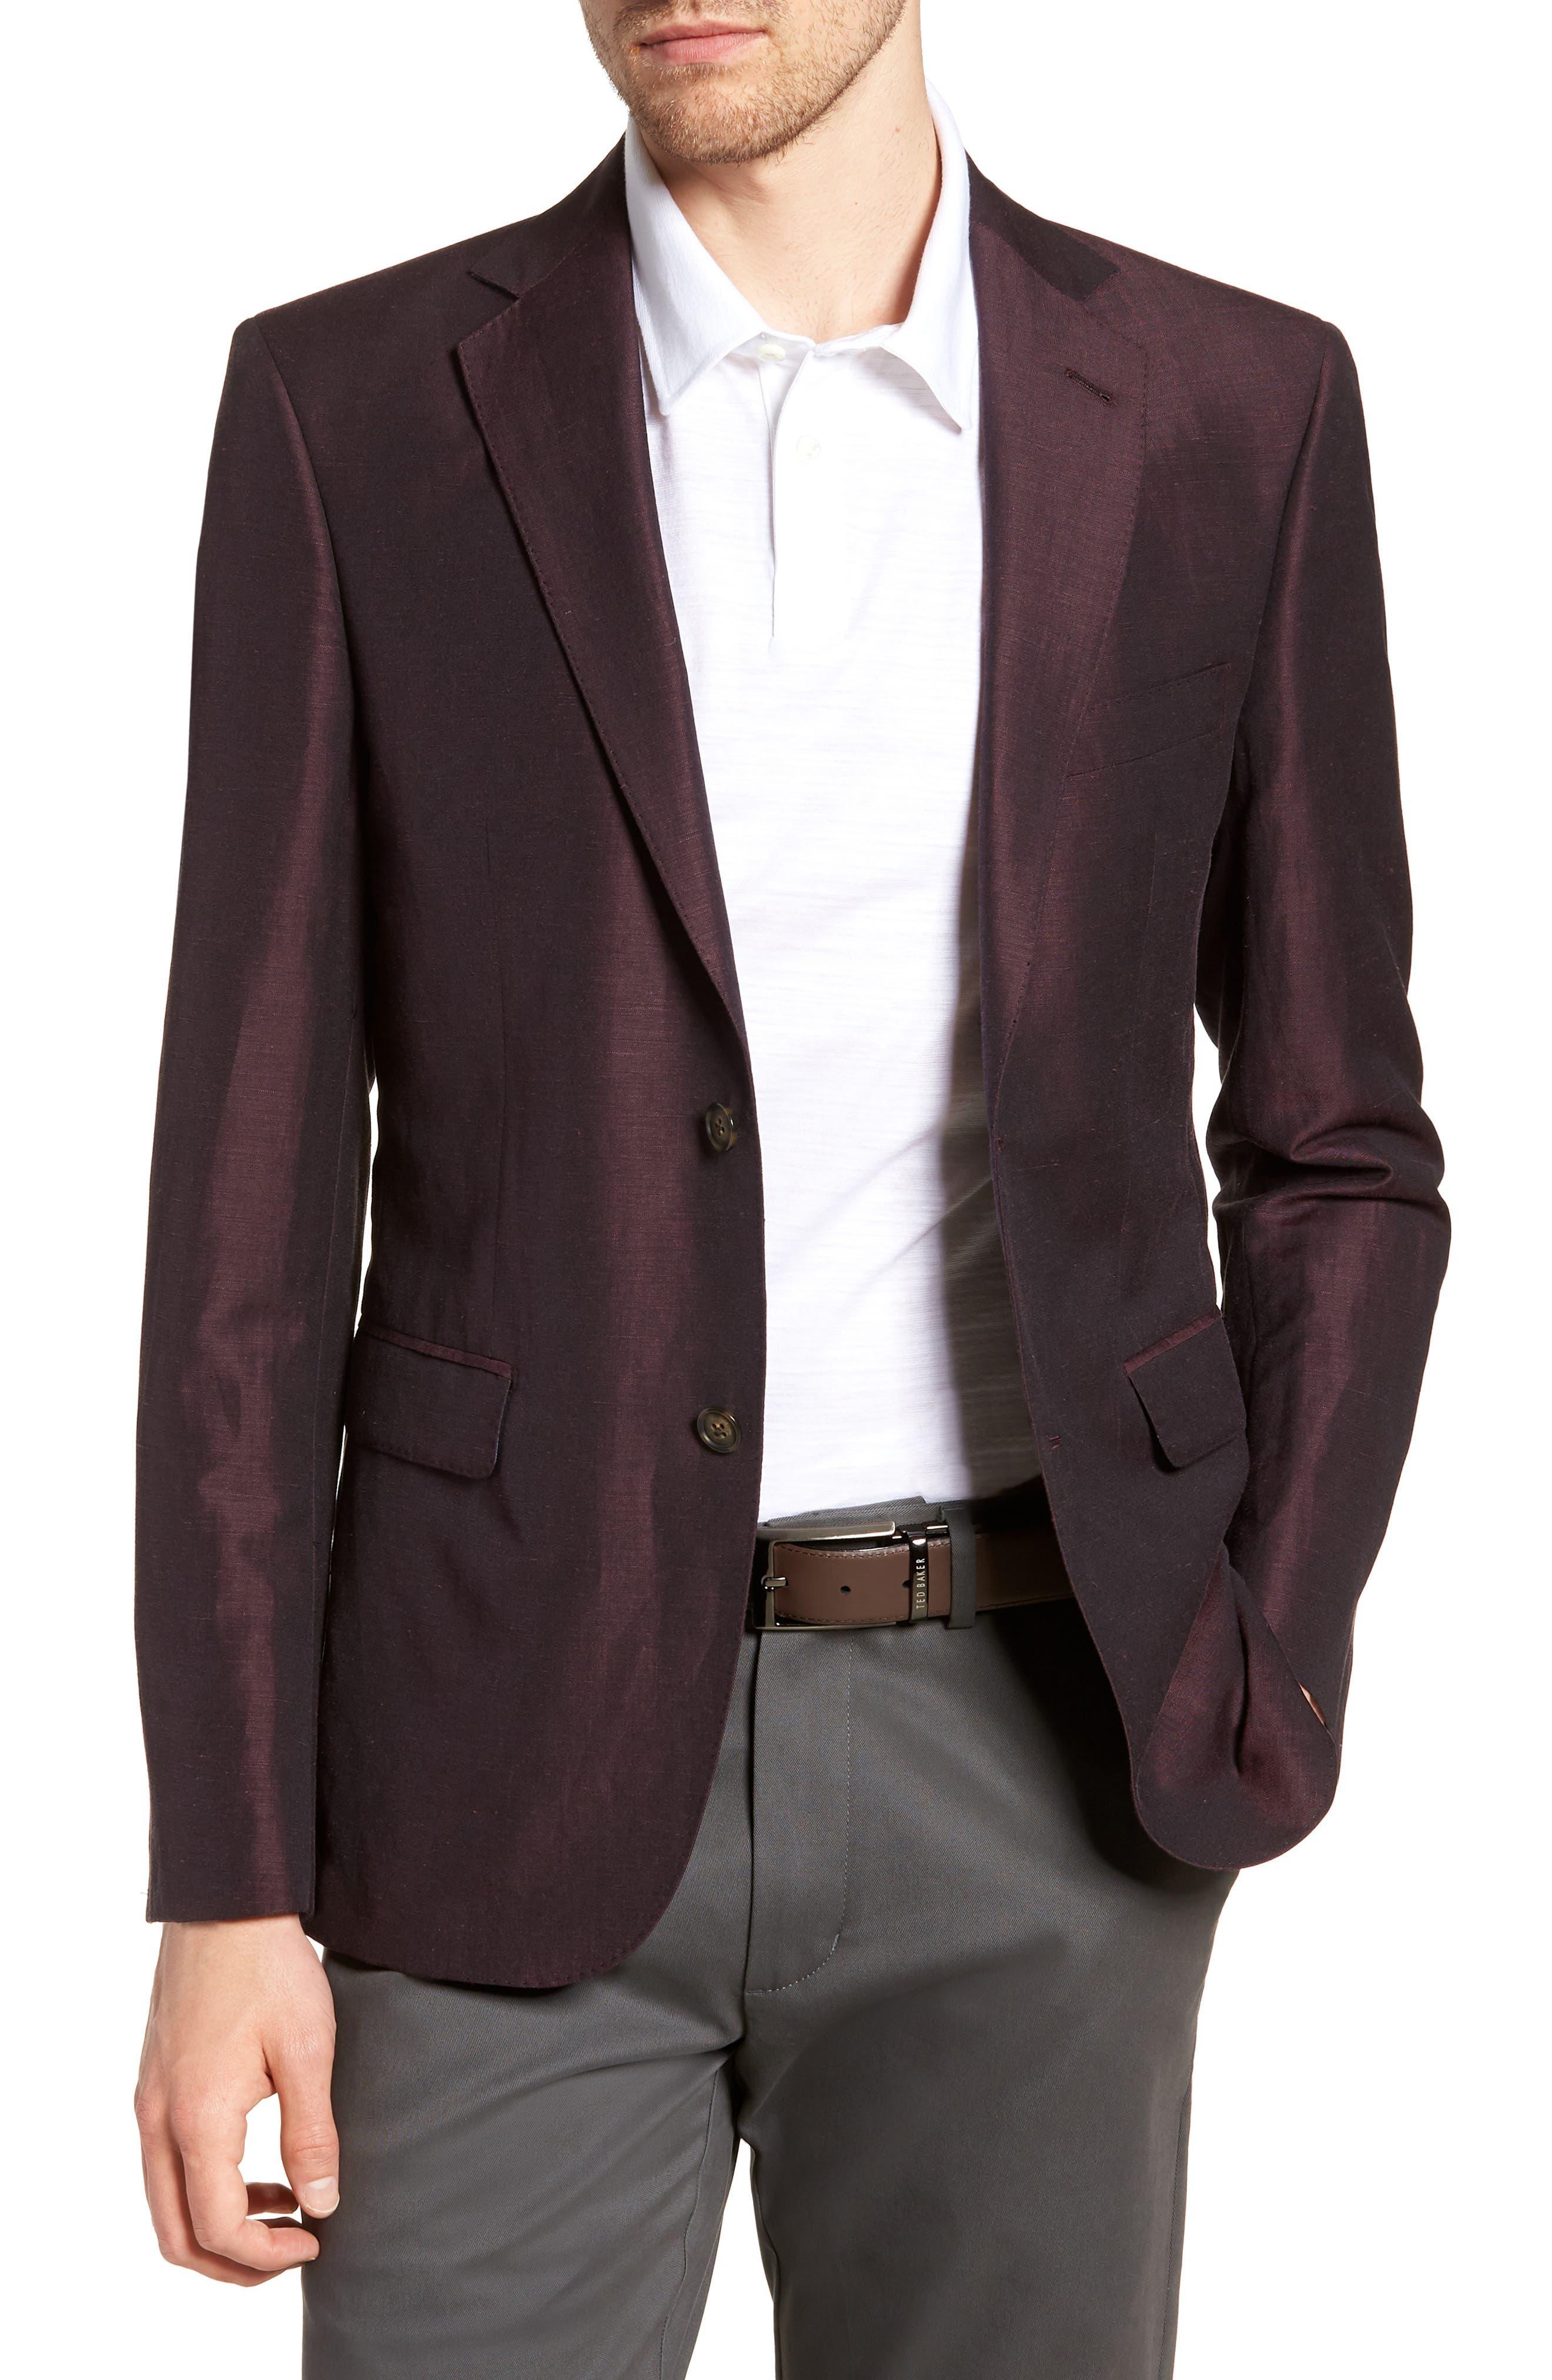 Shelby Trim Fit Wool & Linen Suit Jacket,                         Main,                         color, Plum